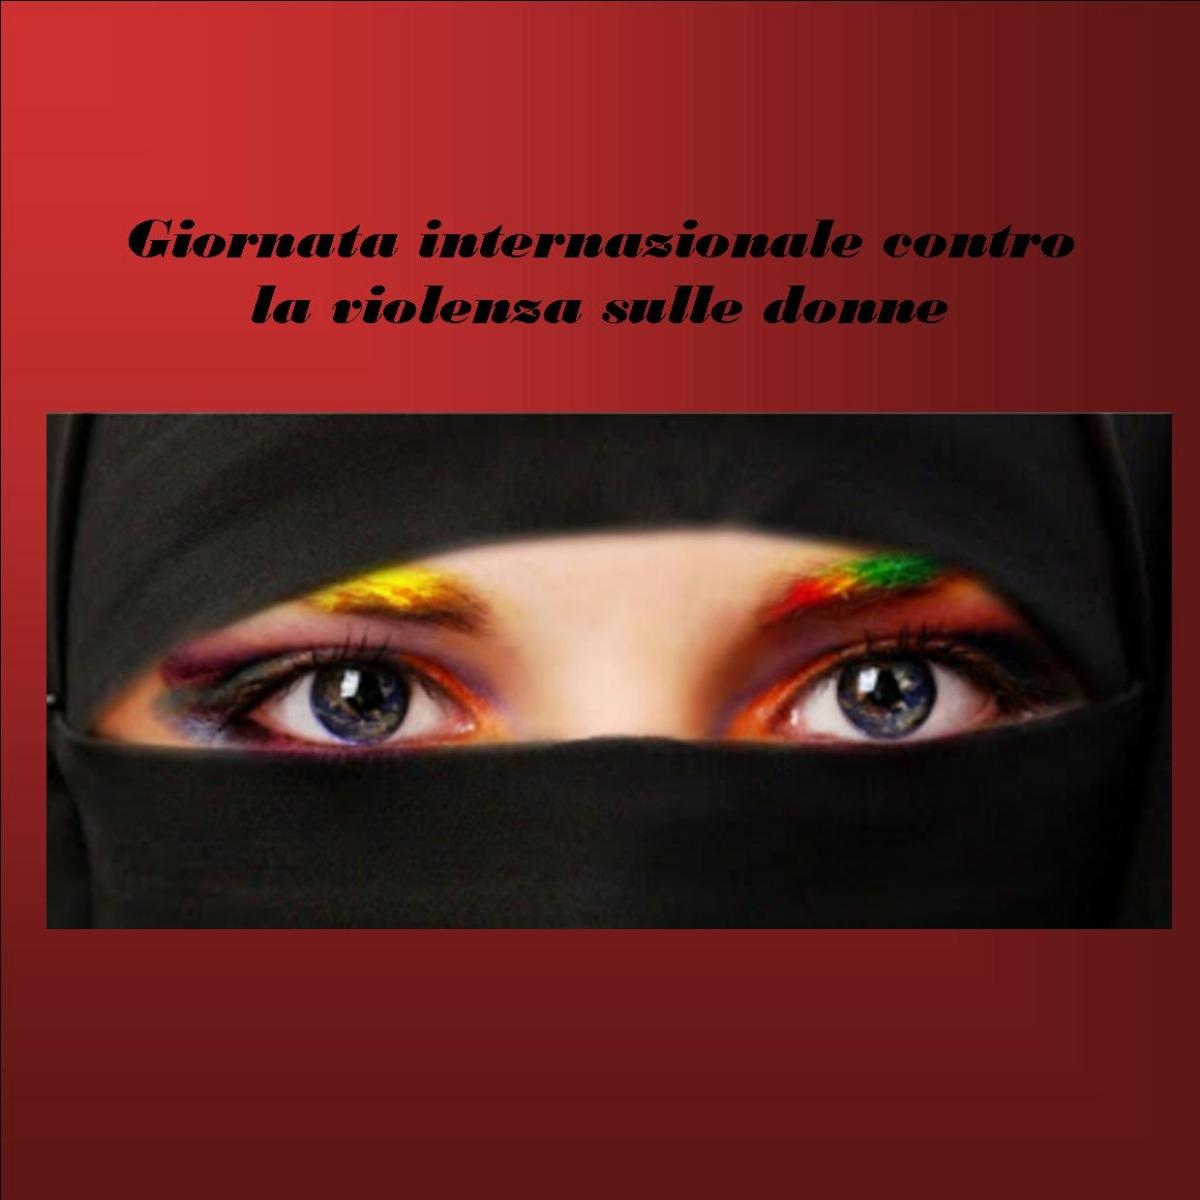 Giornata internazionale contro la violenza sull...